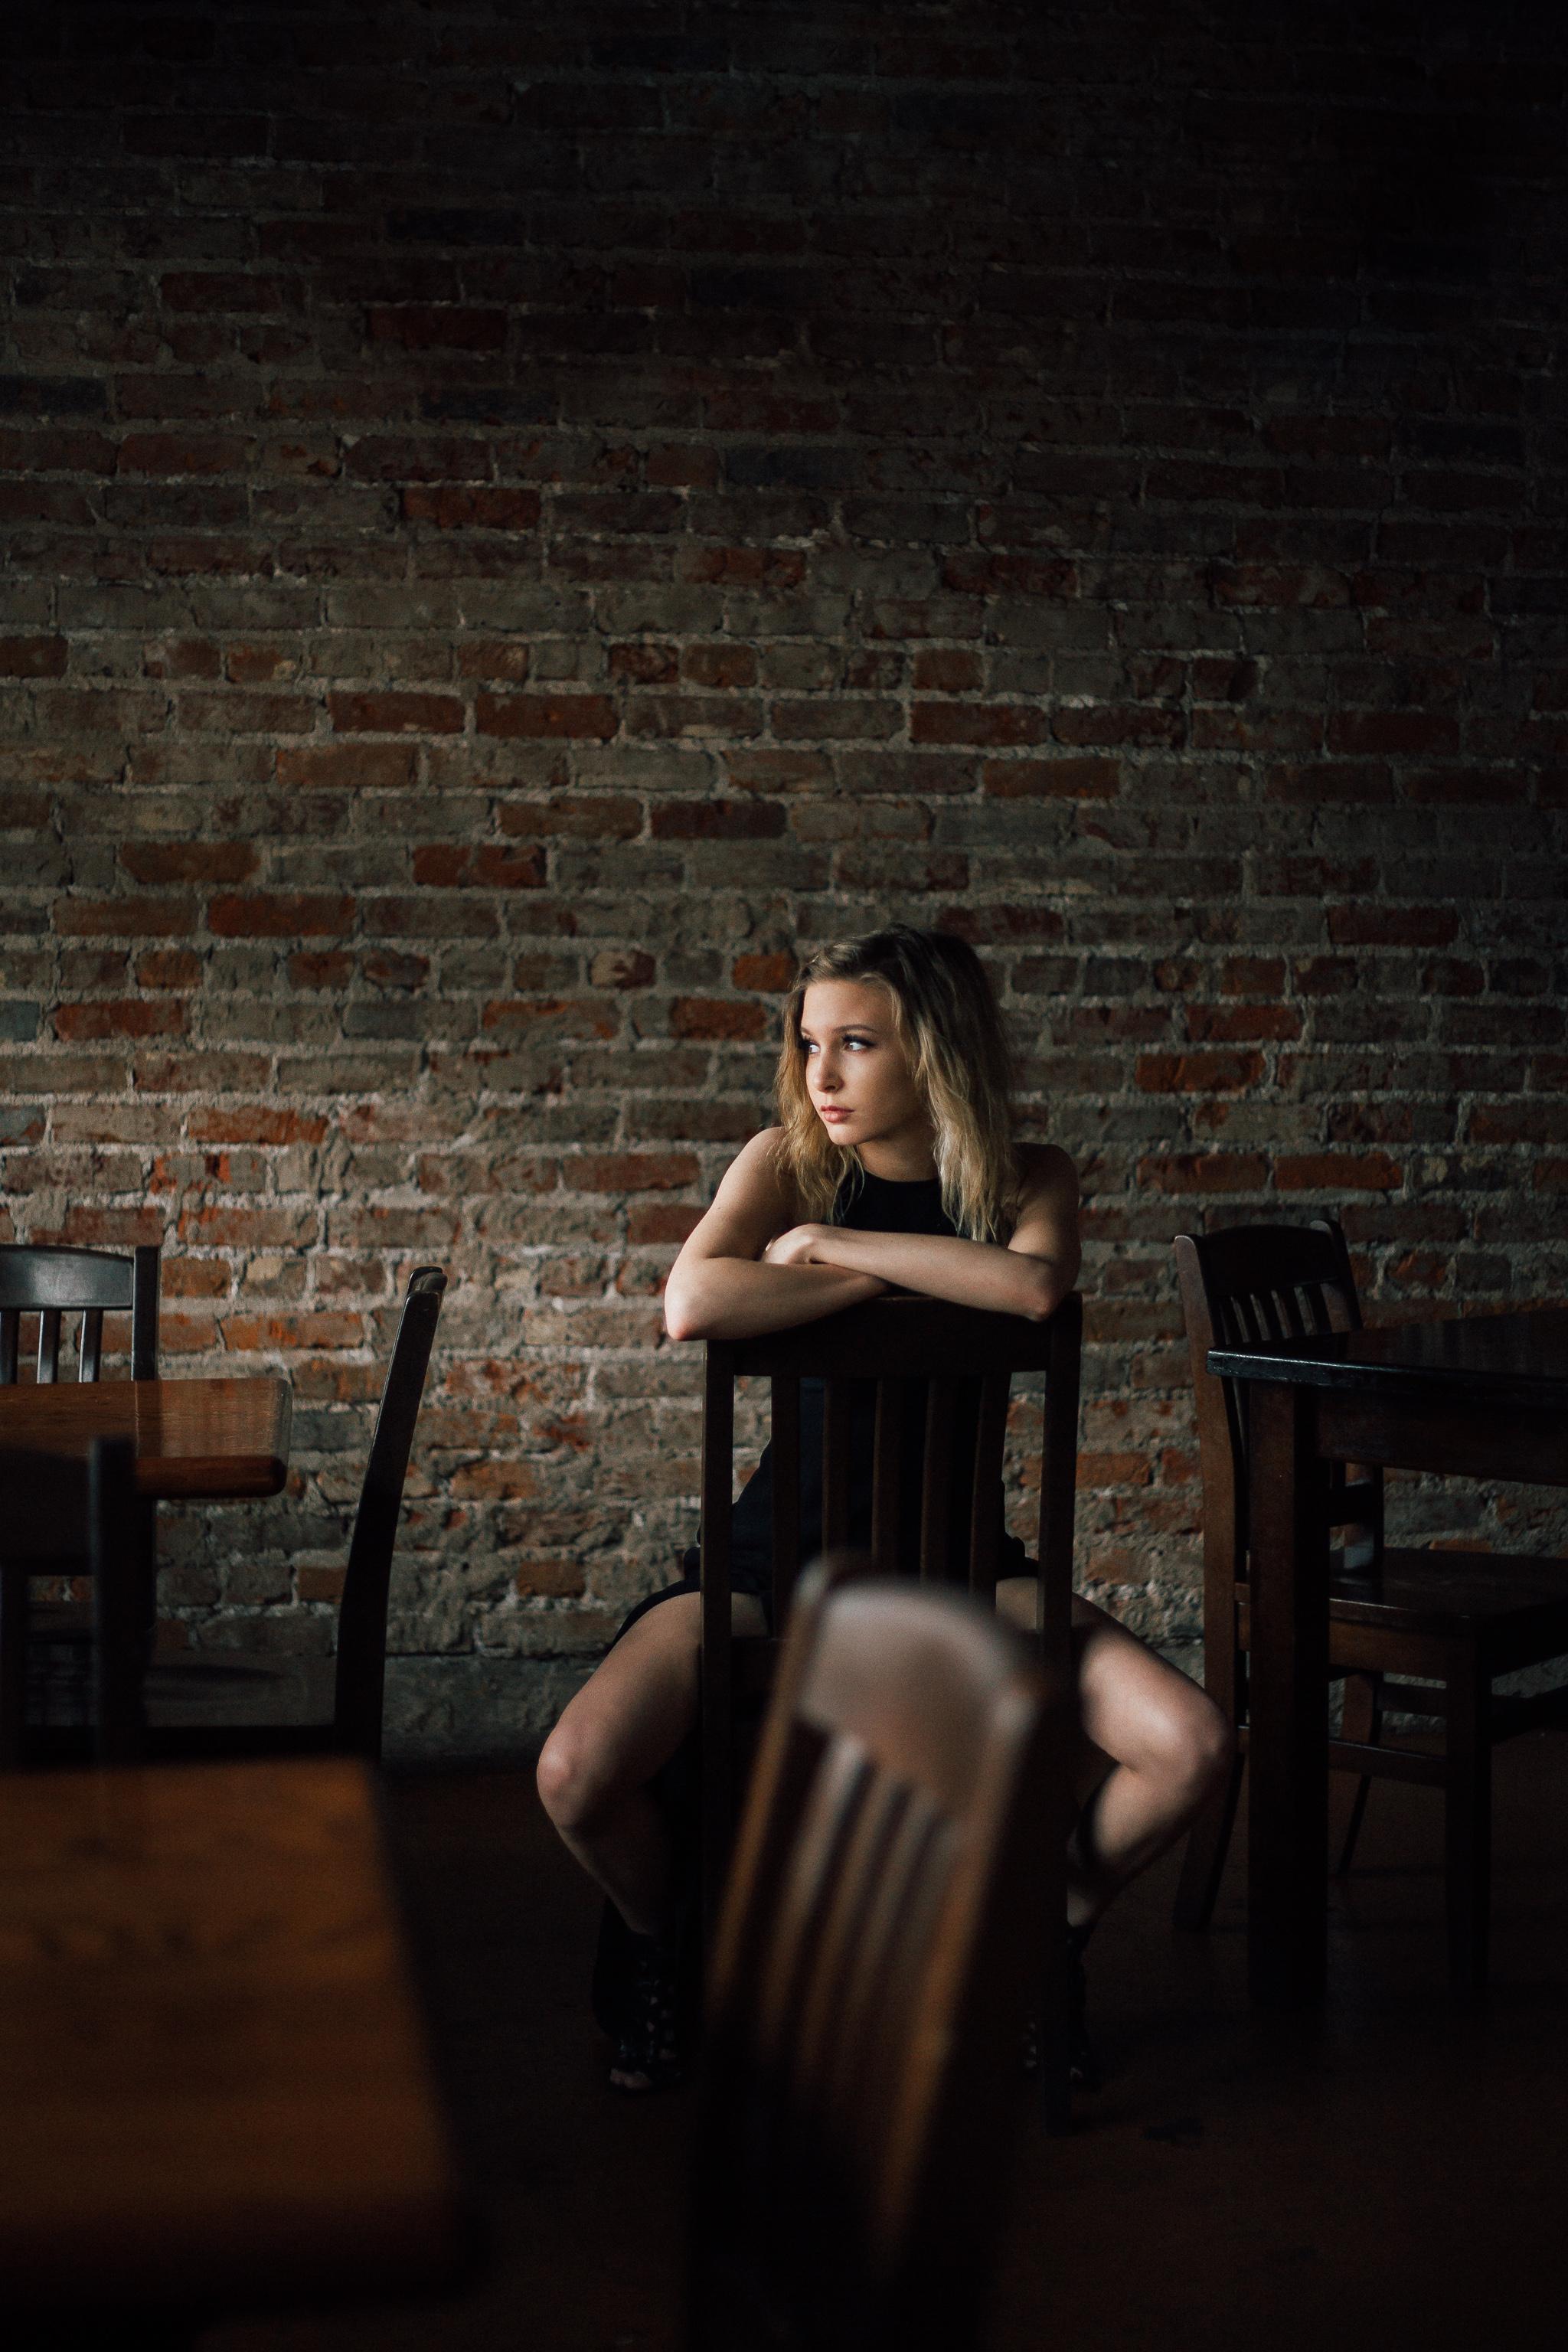 cassie-cook-photography-memphis-portrait-photographer